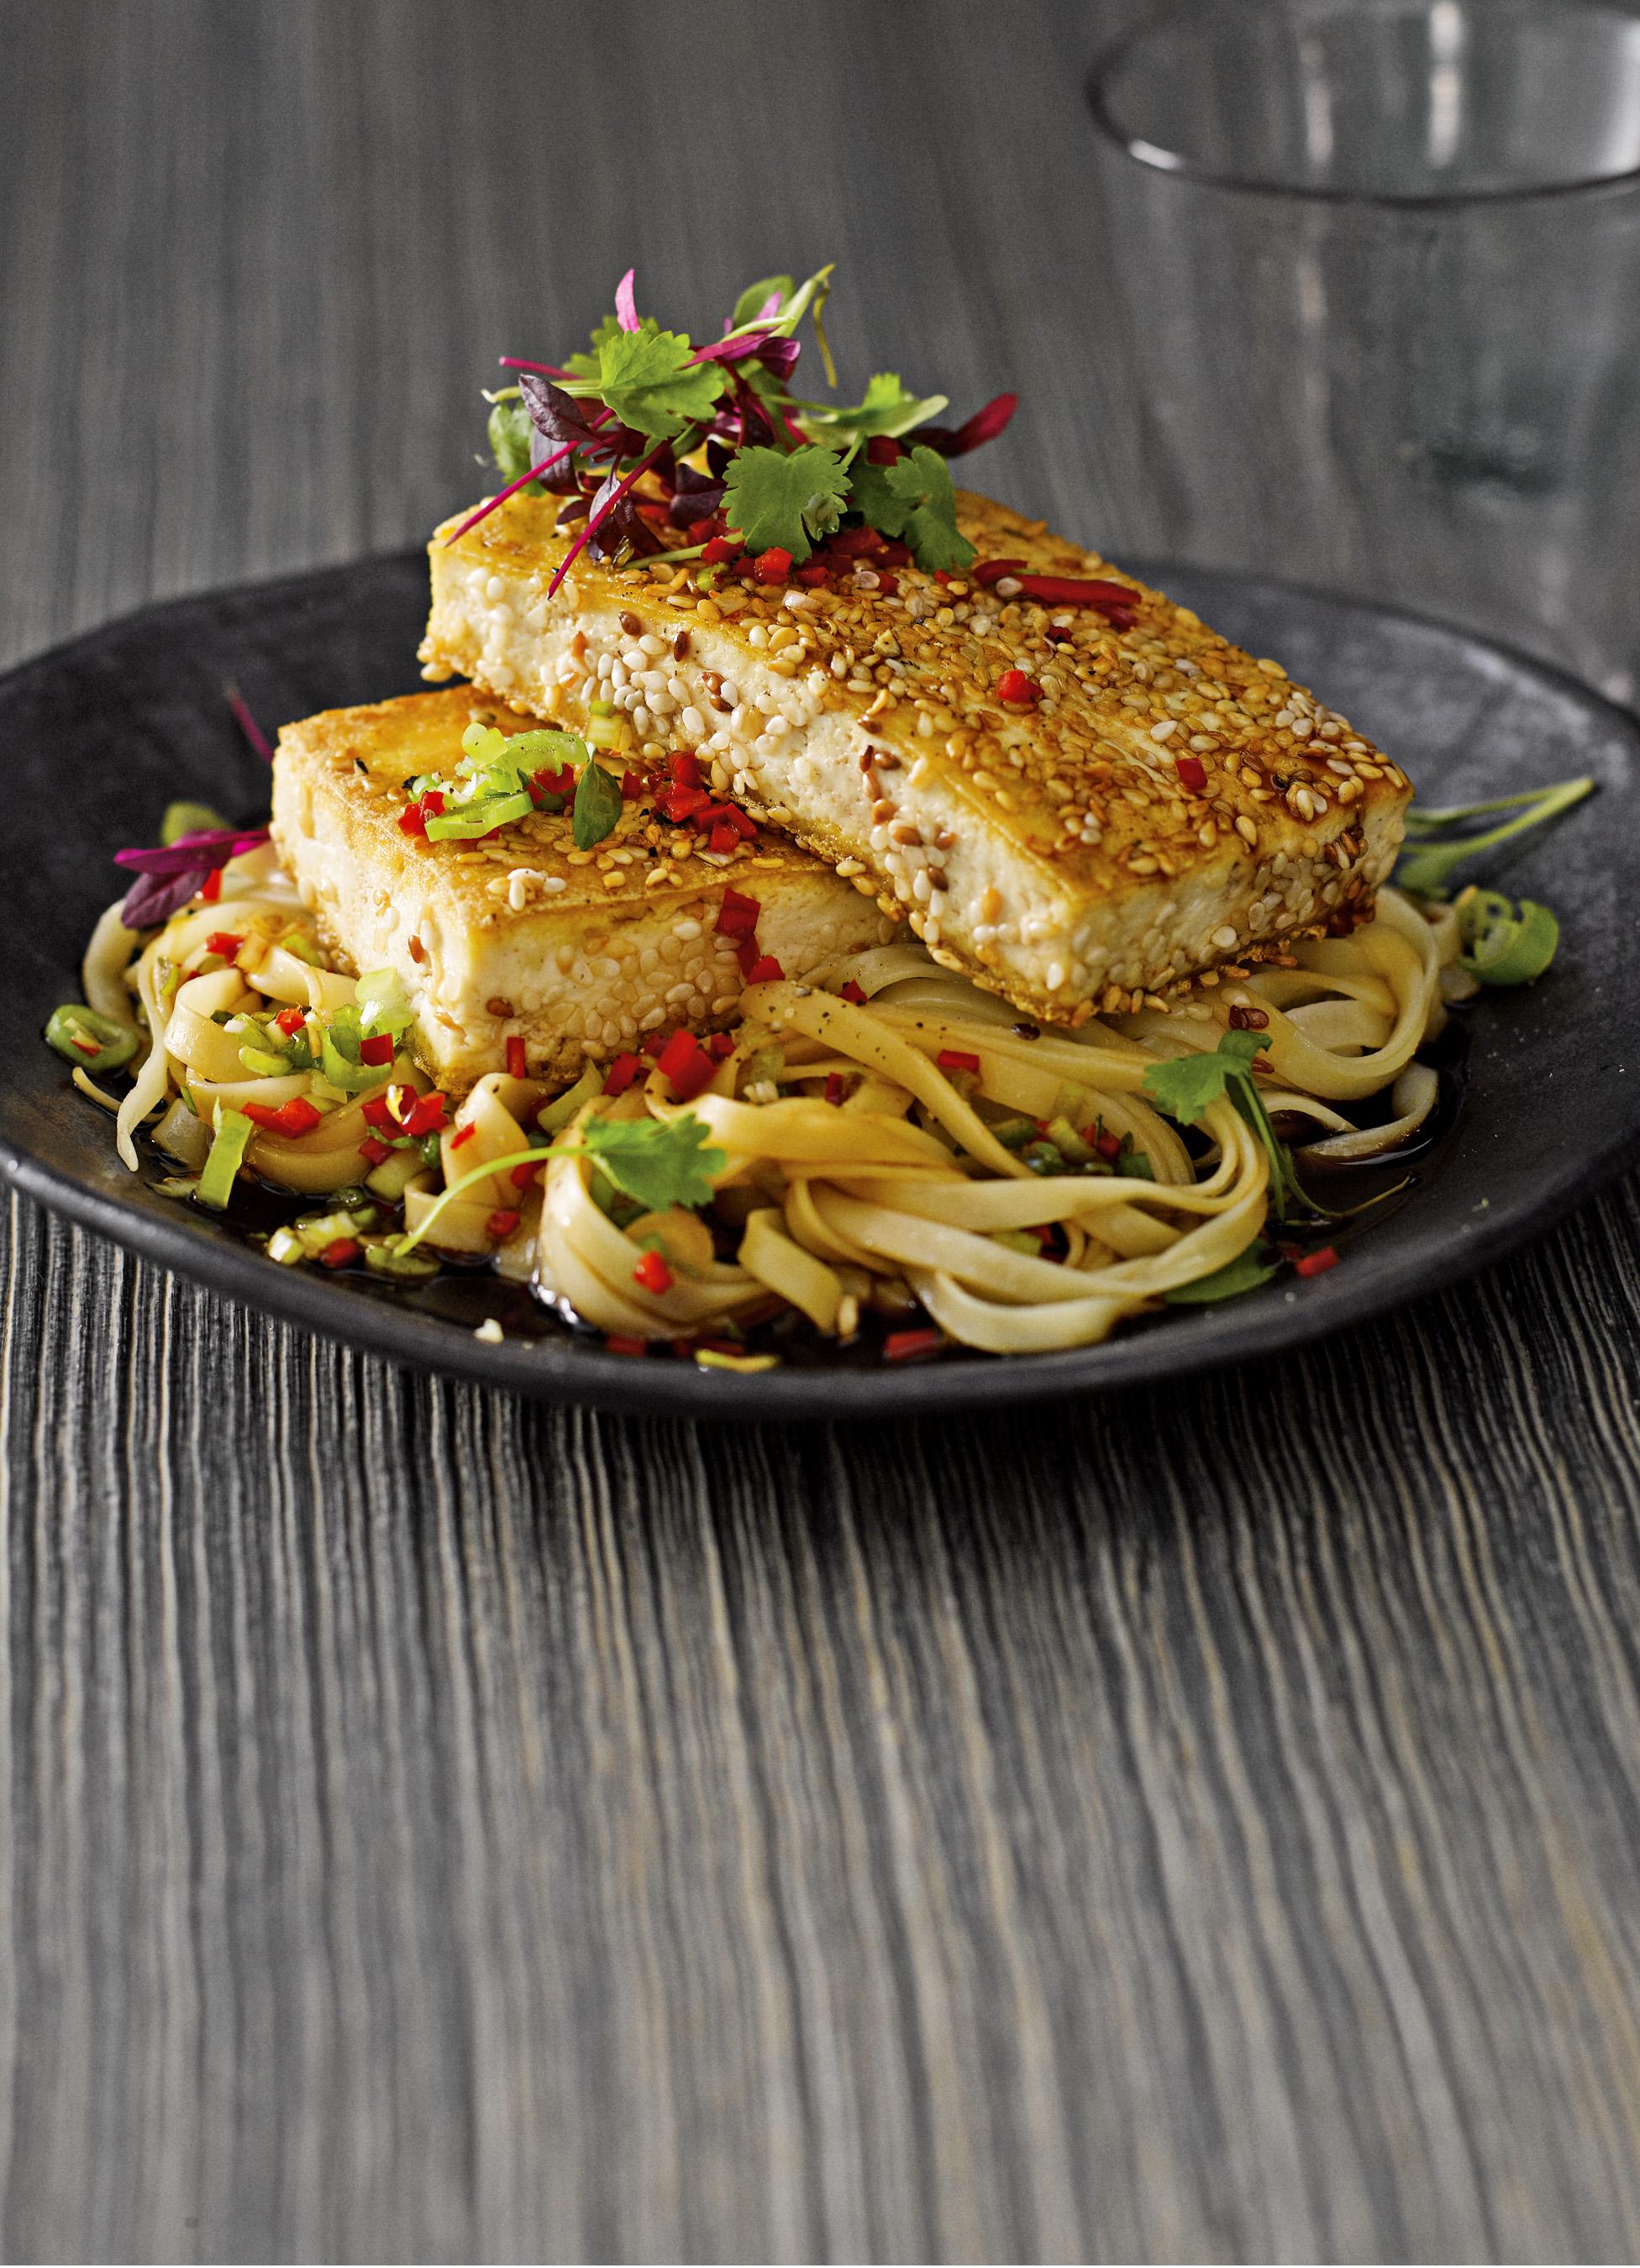 Crispy Tofu Recipe With Noodle Salad